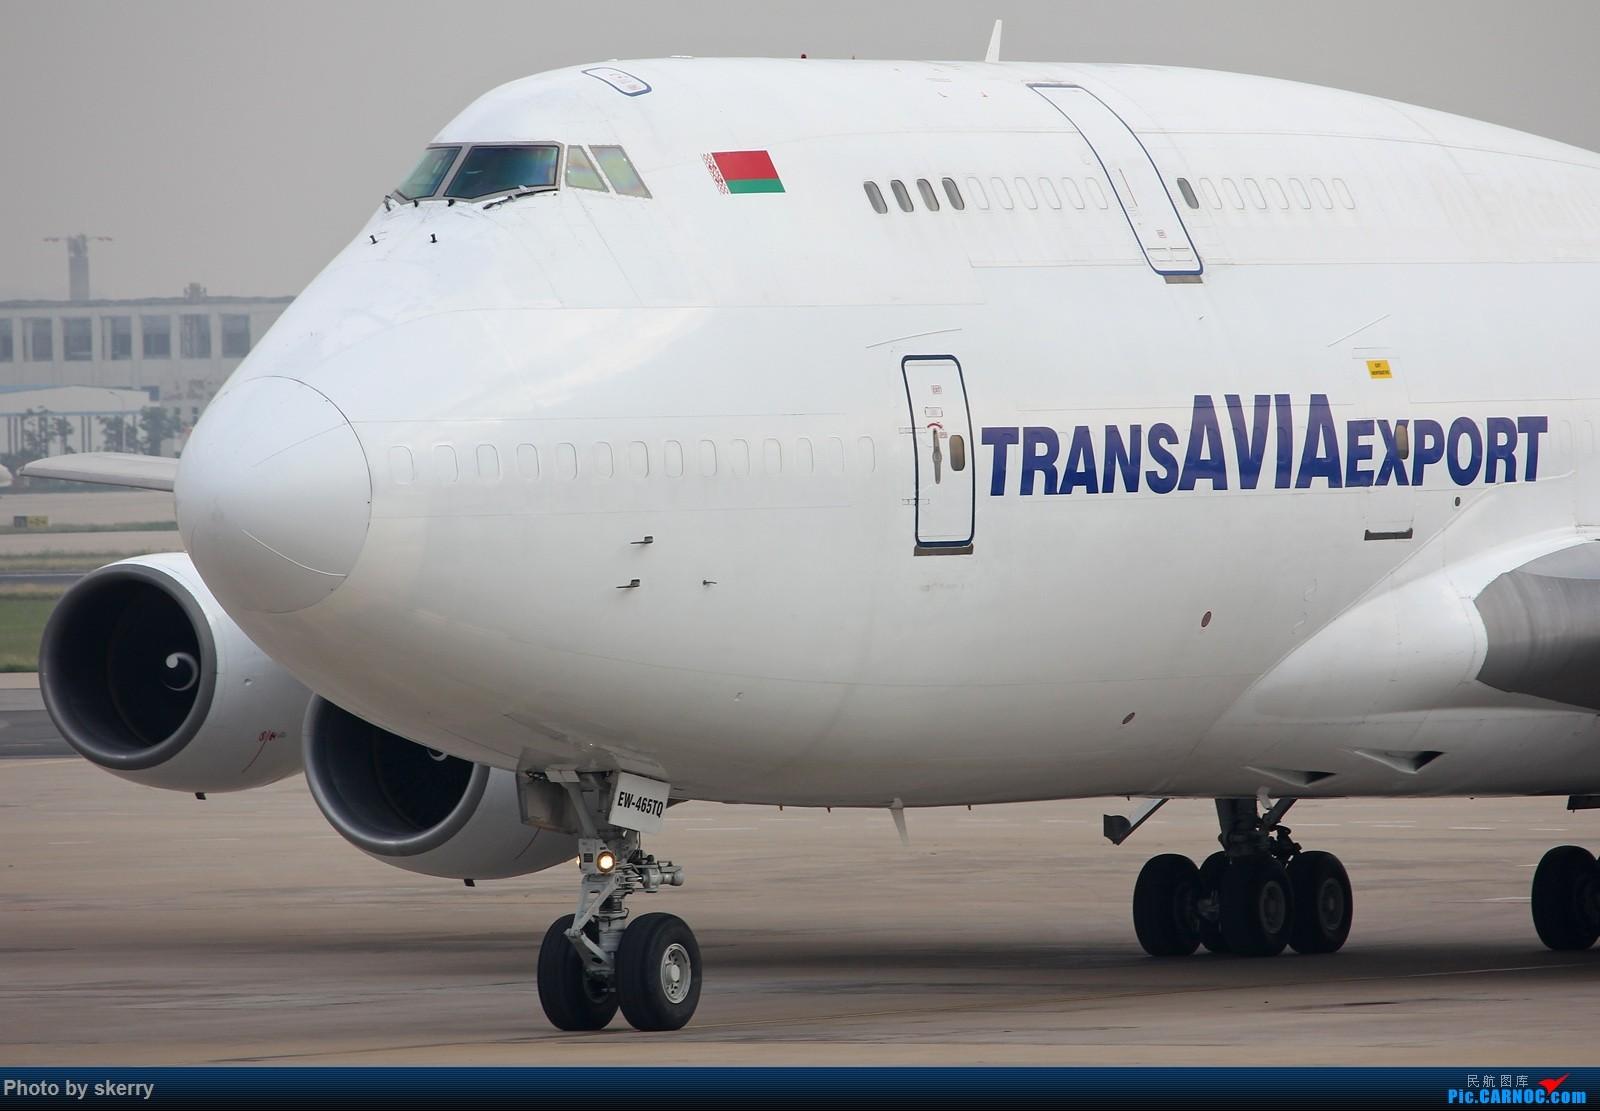 [原创]**【TSN飞友会】白俄罗斯的飞机真白!*** BOEING 747-300 EW-465TQ 中国天津滨海国际机场